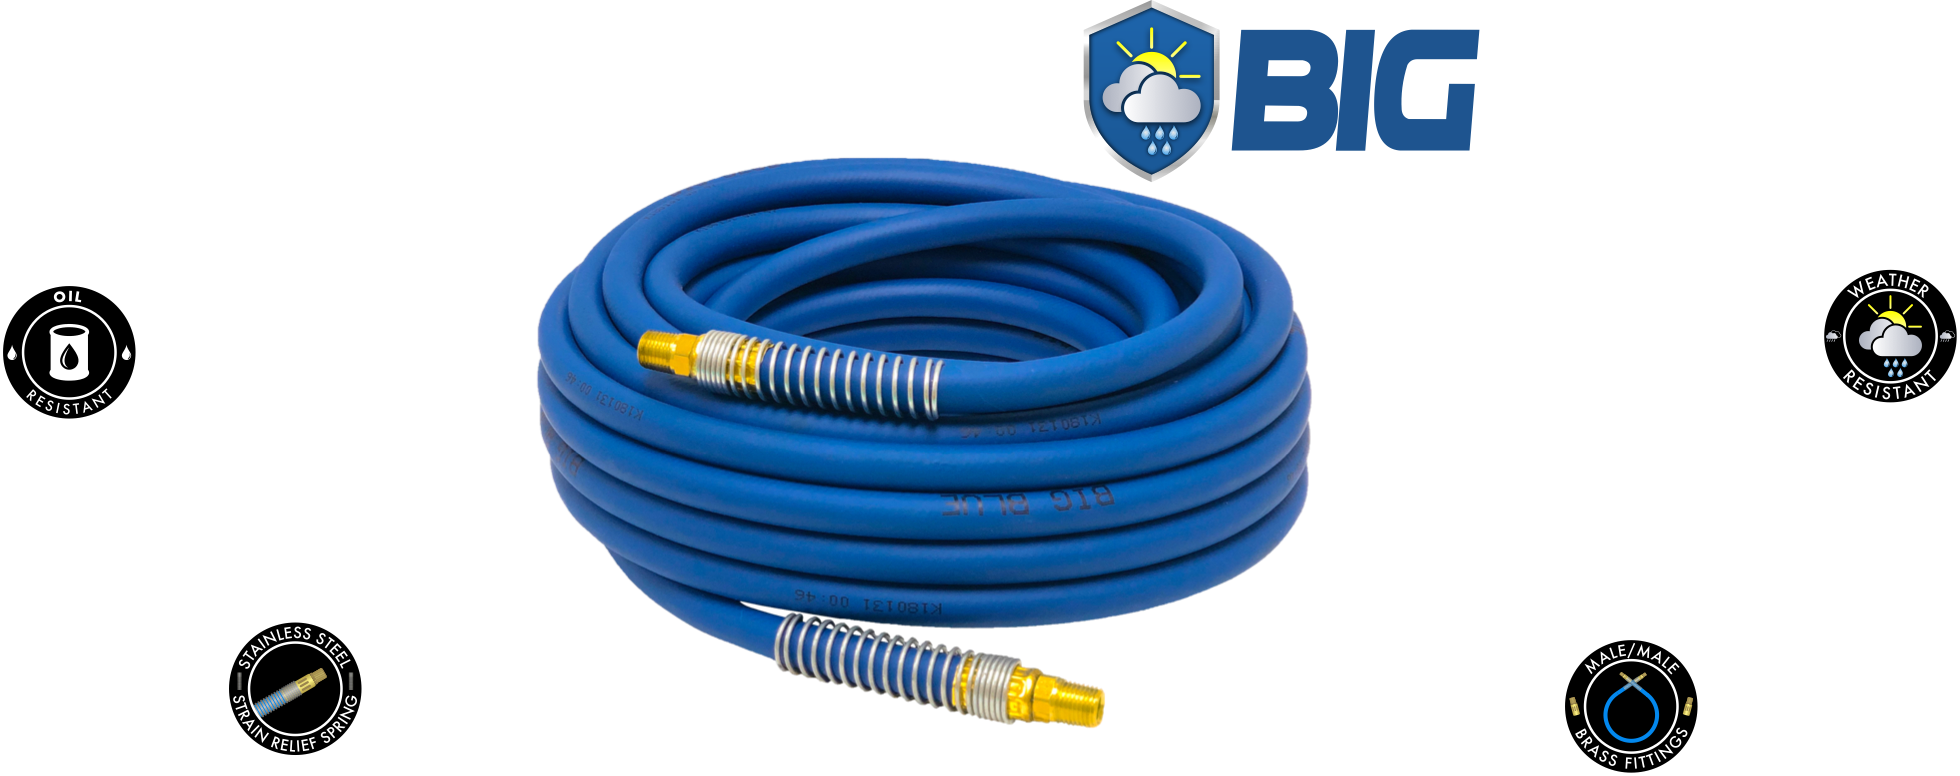 Big Blue PVC Air Hose